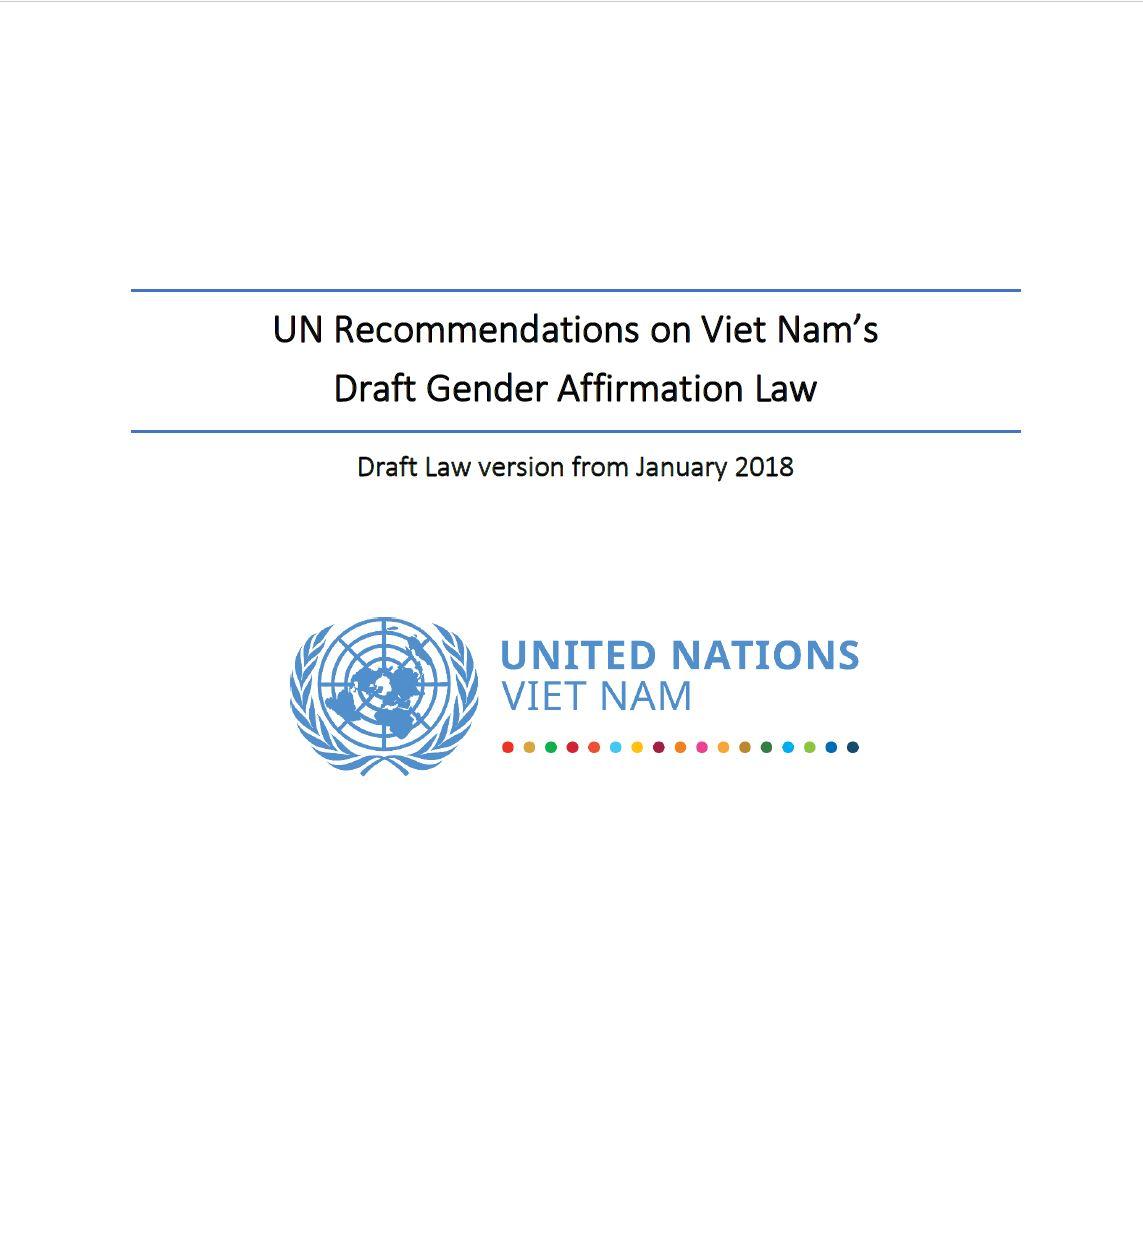 Khuyến nghị của Liên Hợp Quốc về dự thảo luật Chuyển đổi giới tính tại Việt Nam